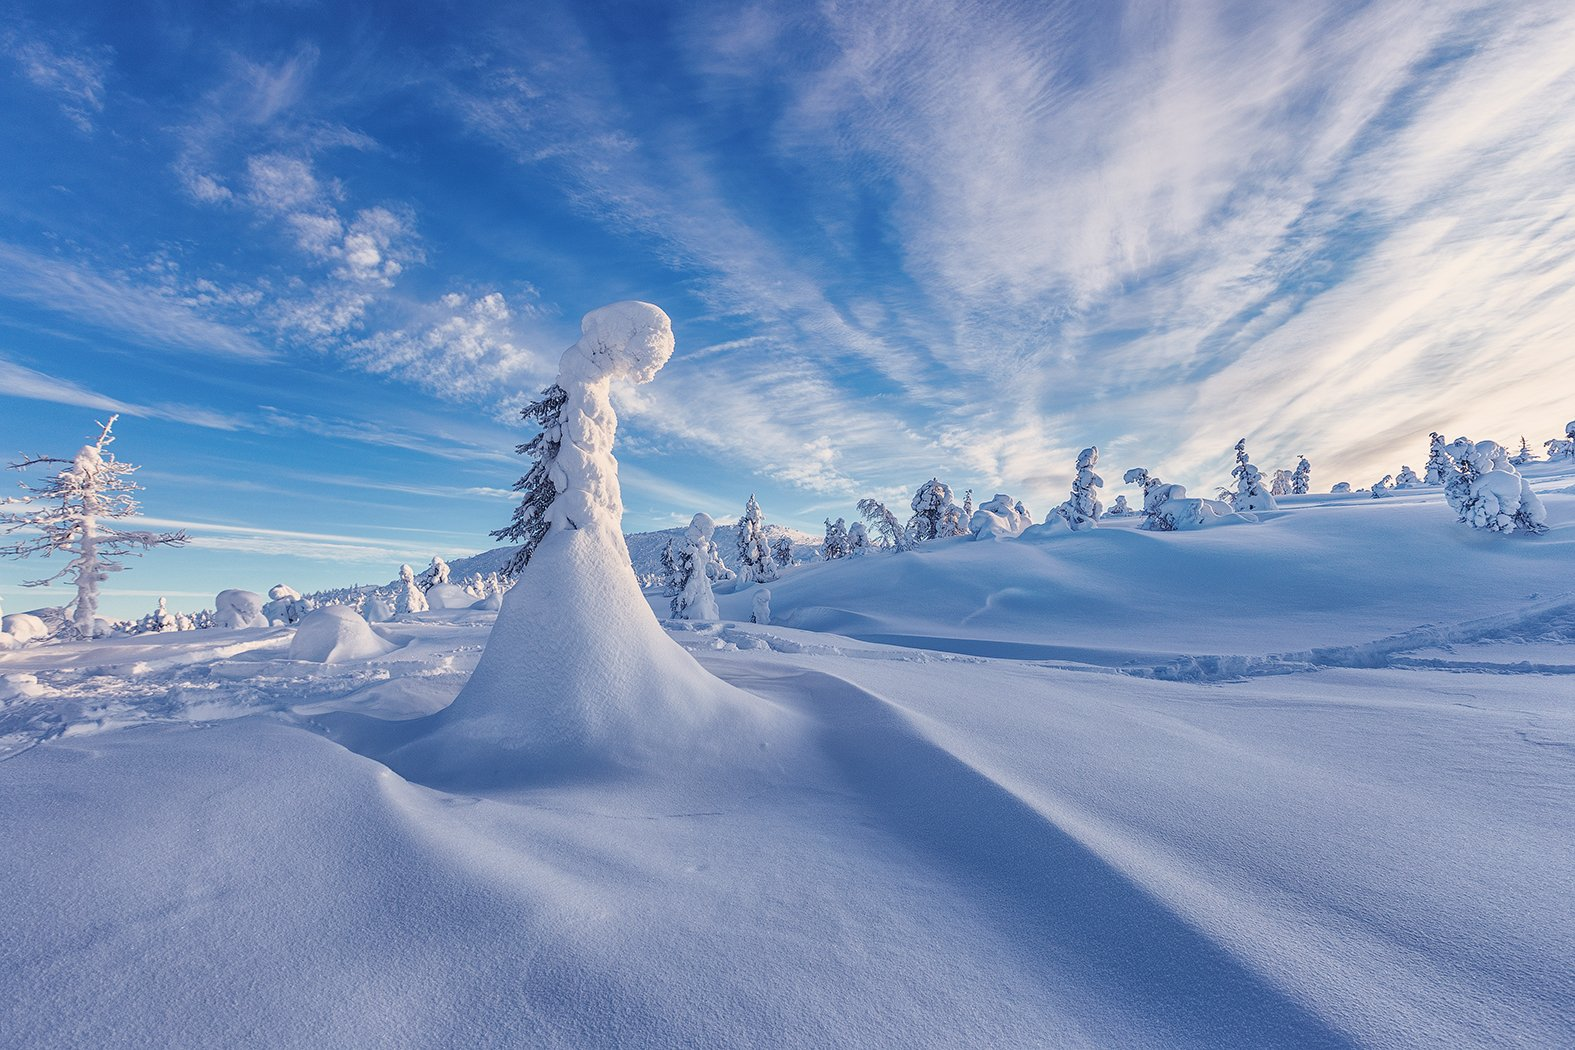 заполярье, гора, снег, ели, волосная, Липецких Владимир